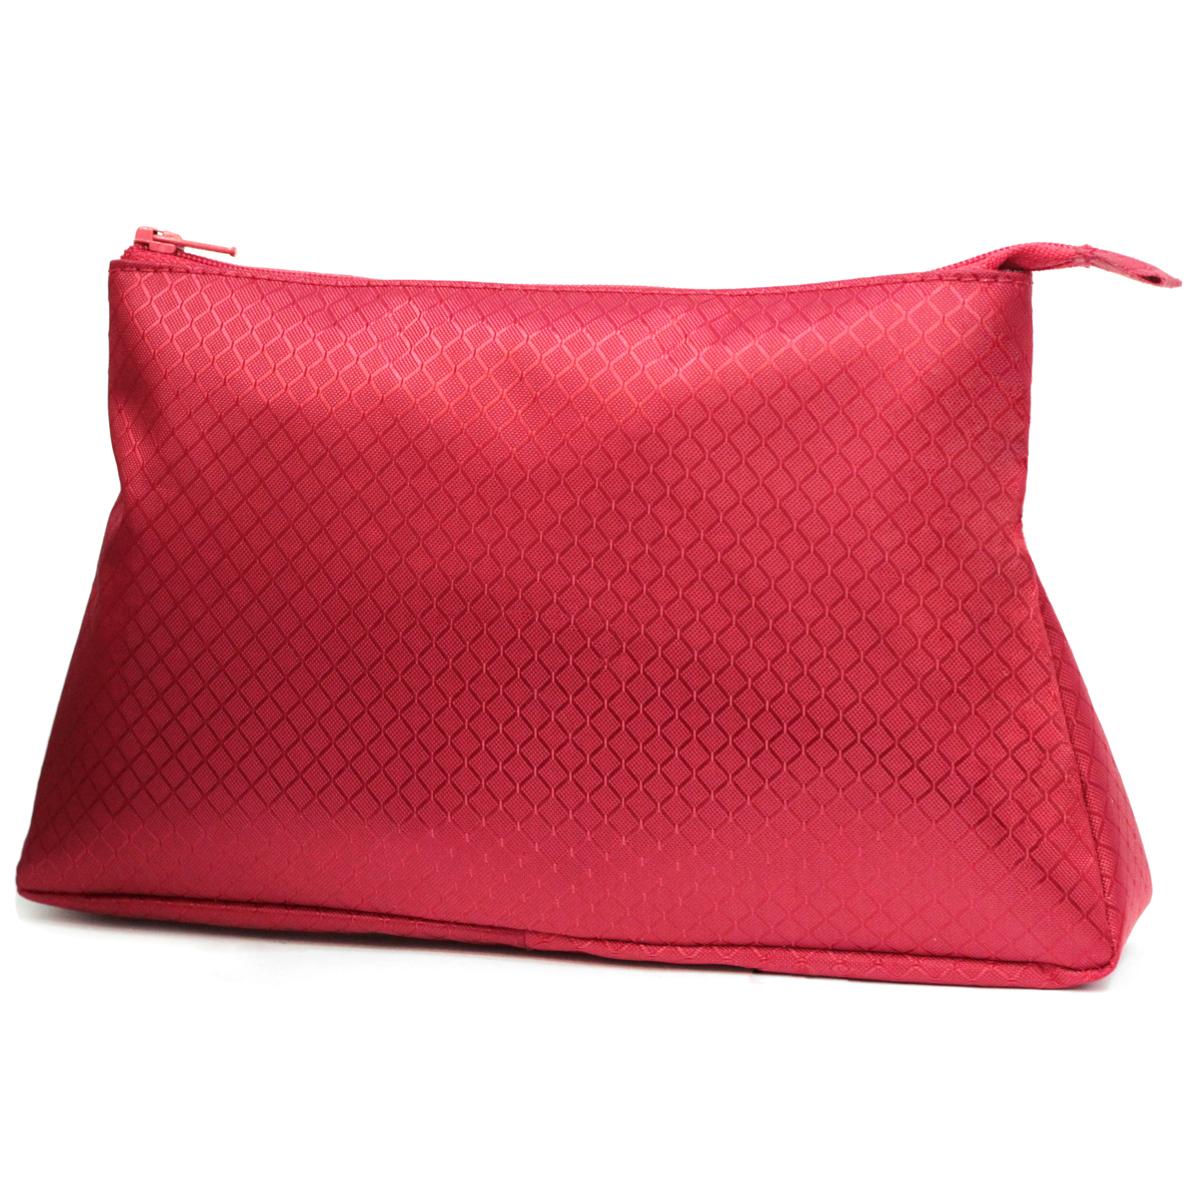 Косметичка Dimanche, цвет: красный. 280280Стильная косметичка Dimanche выполнена из текстиля. Косметичка на подкладке, закрывается на молнию, объемная, мягкая, внутри одно большое отделение. Объемное дно и удобная застежка делают аксессуар универсальным в повседневном использовании. Характеристики: Цвет: красный. Материал: металл, текстиль. Размер косметички: 23 см x 15 см x 6 см. Производитель: Россия. Артикул: 280.